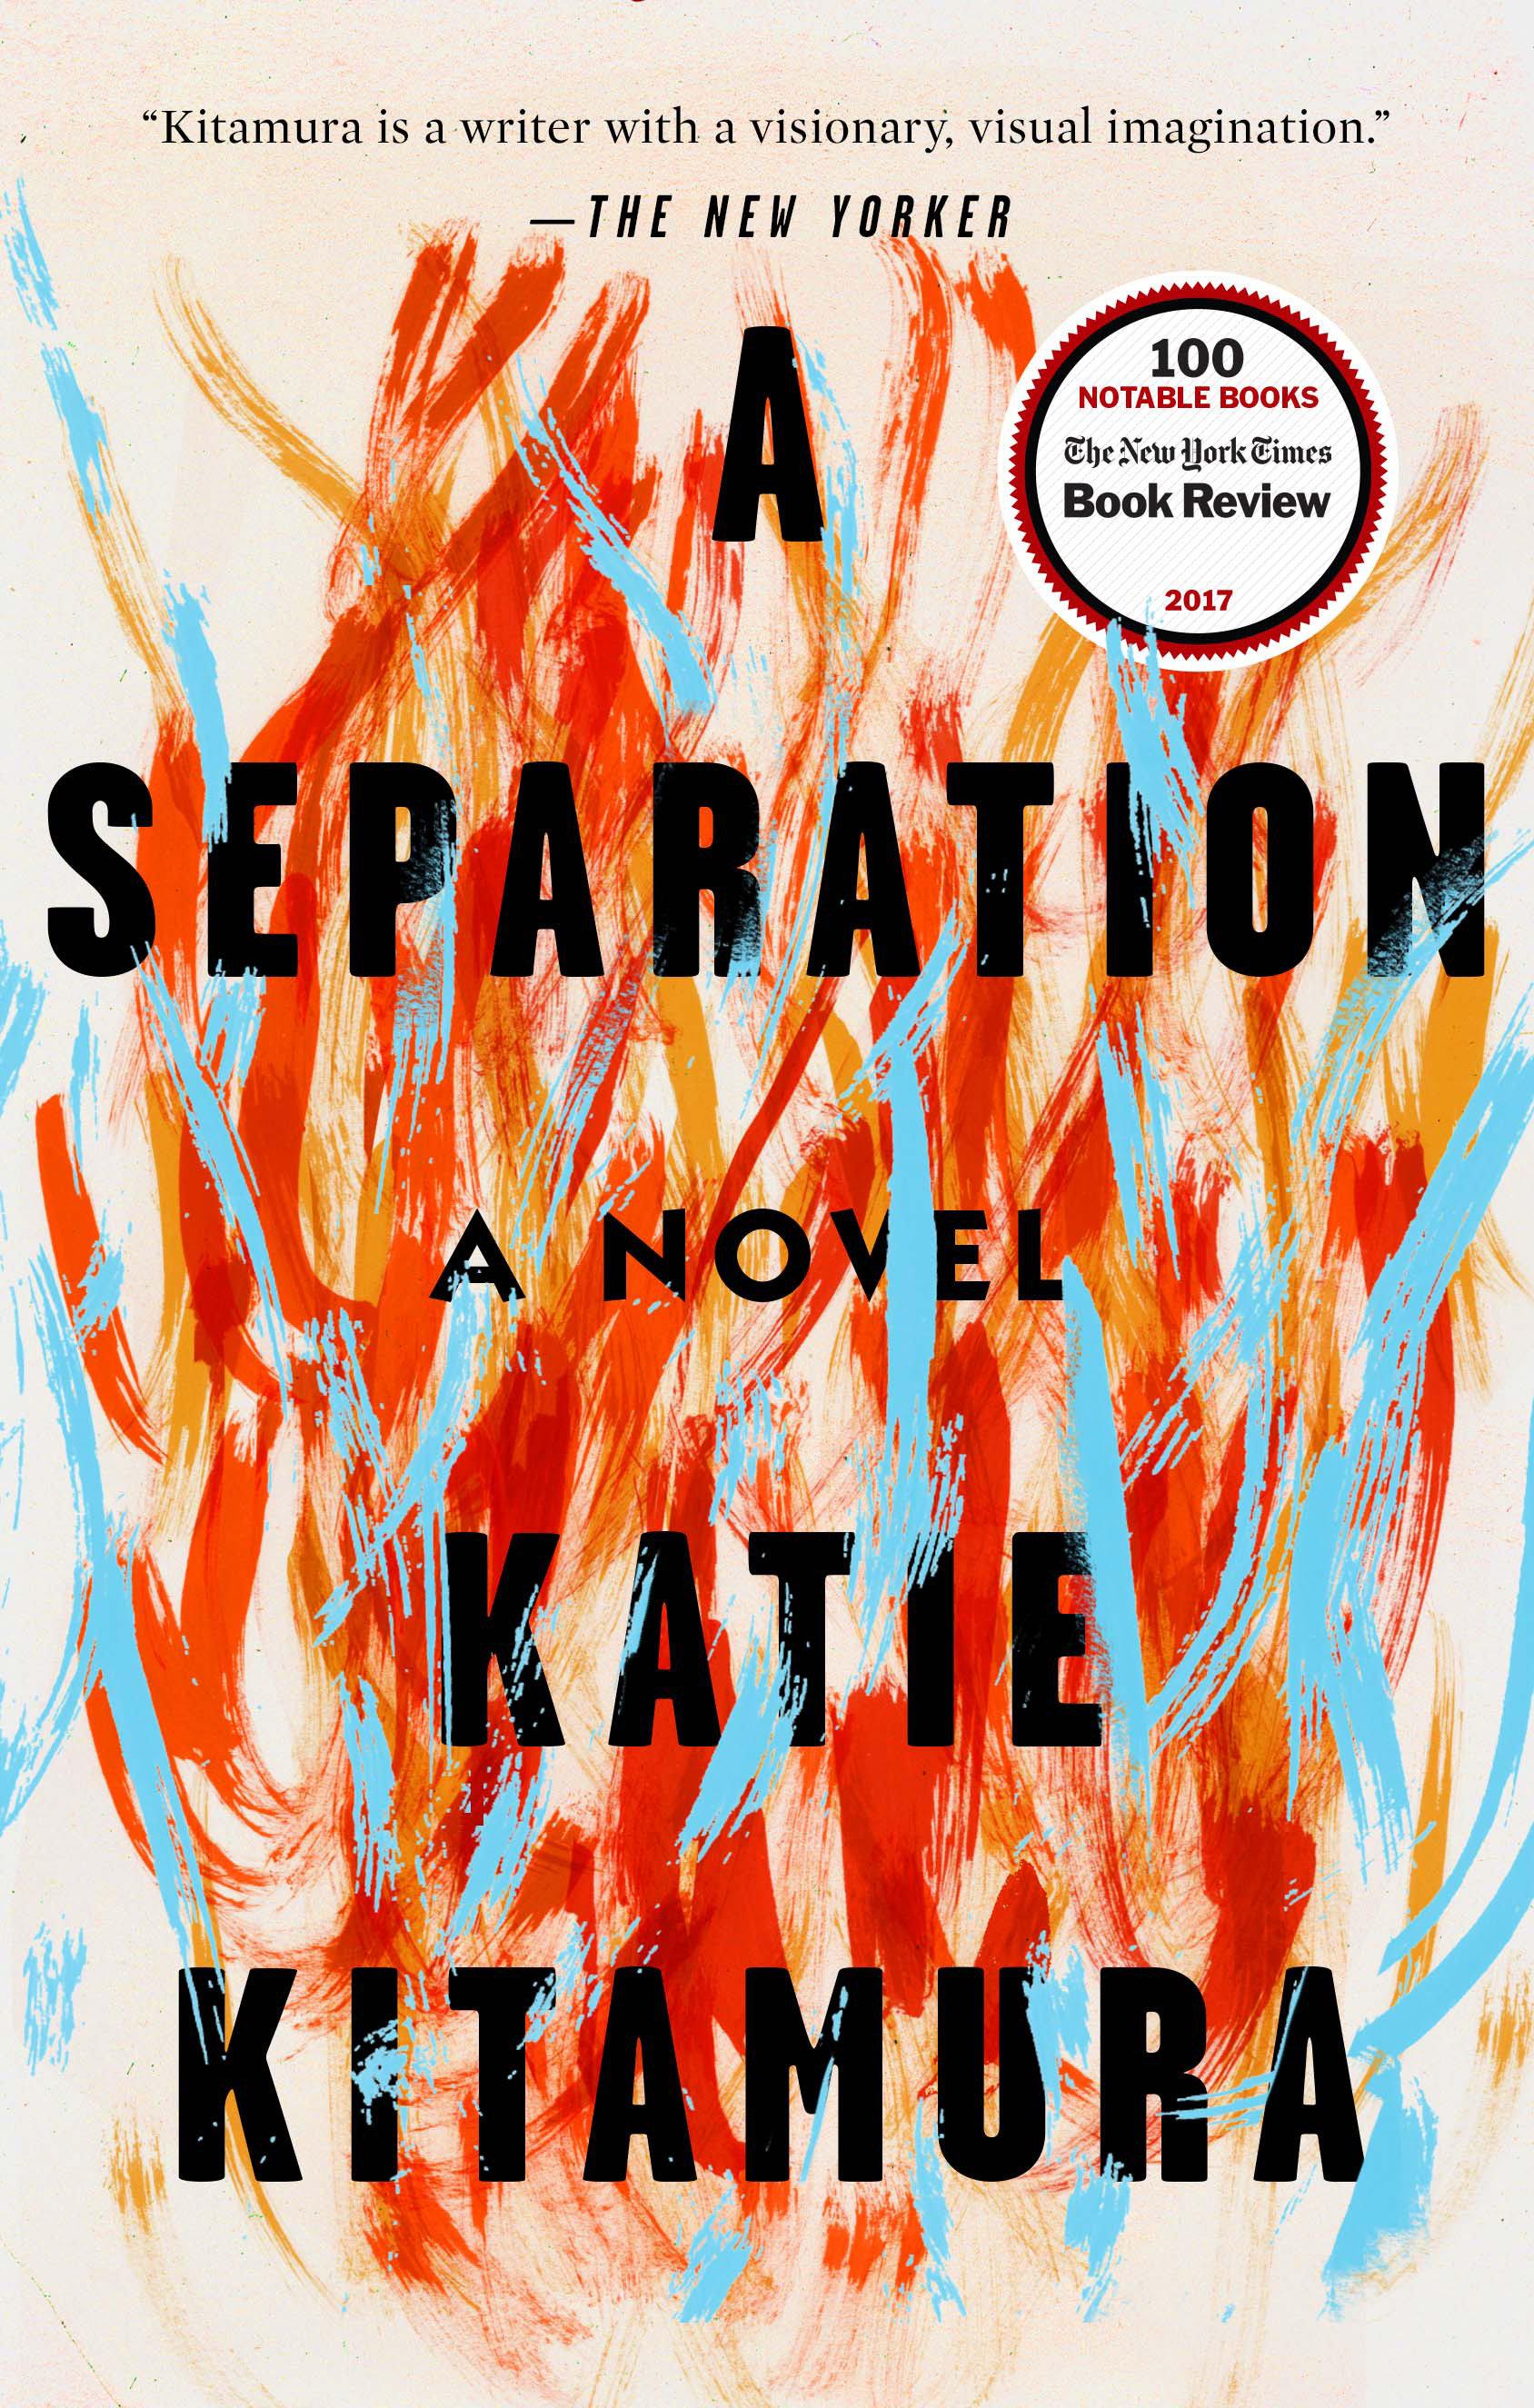 A separation : a novel